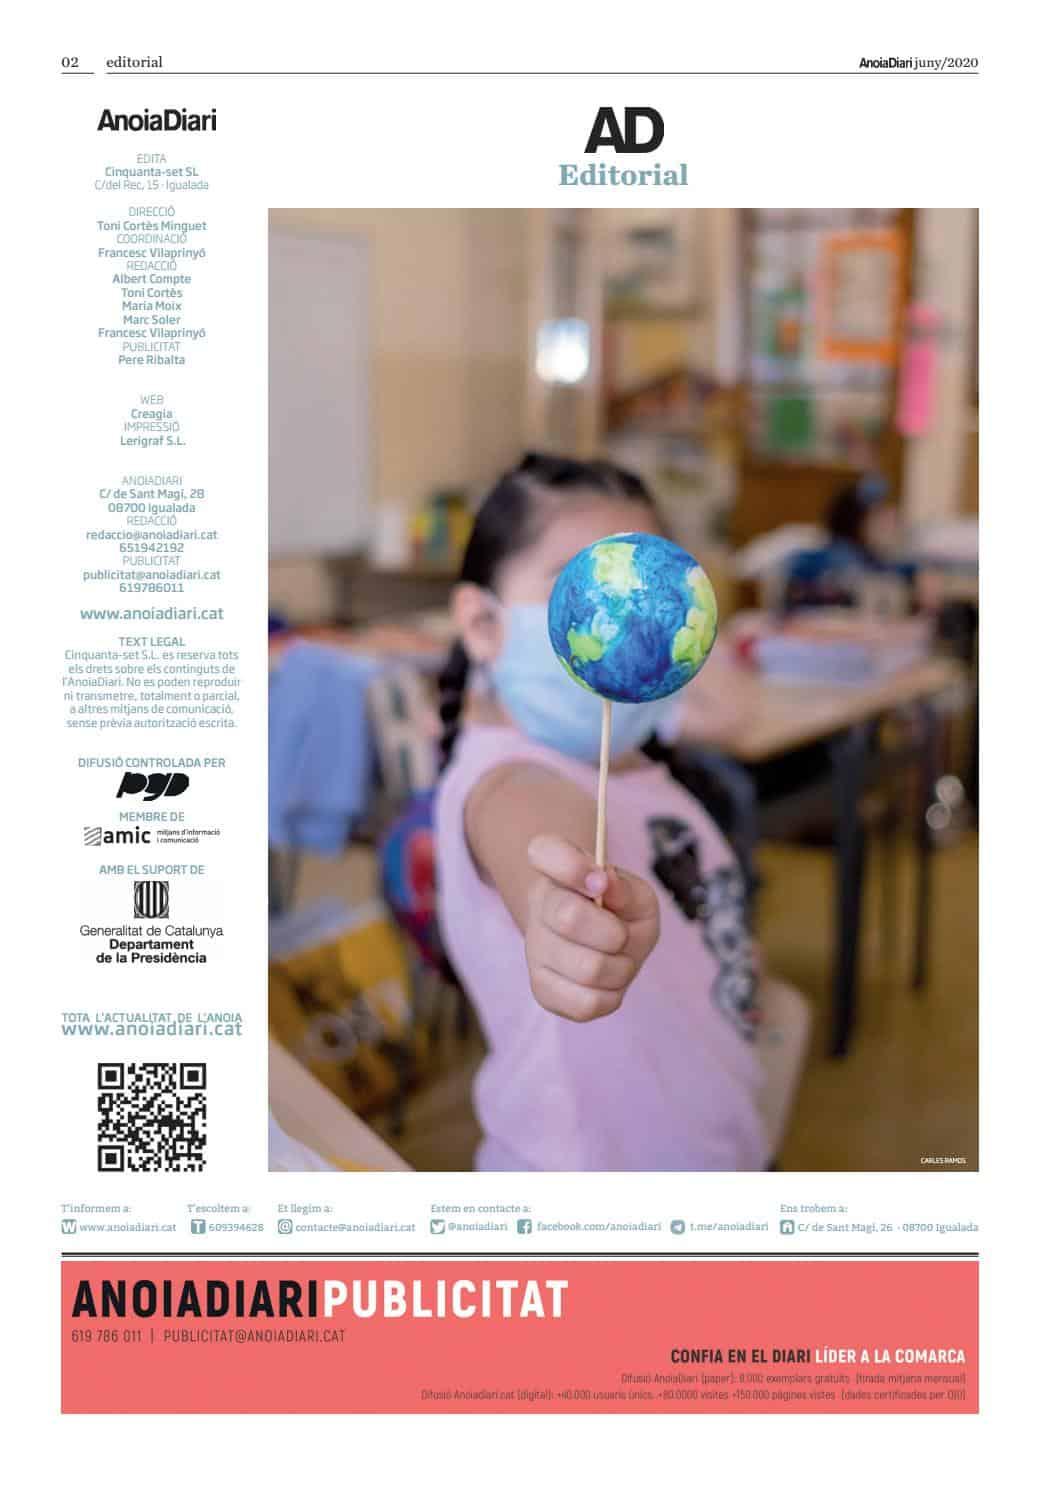 200601 - Anoiadiari - contraPortada paper - Histories del confinament